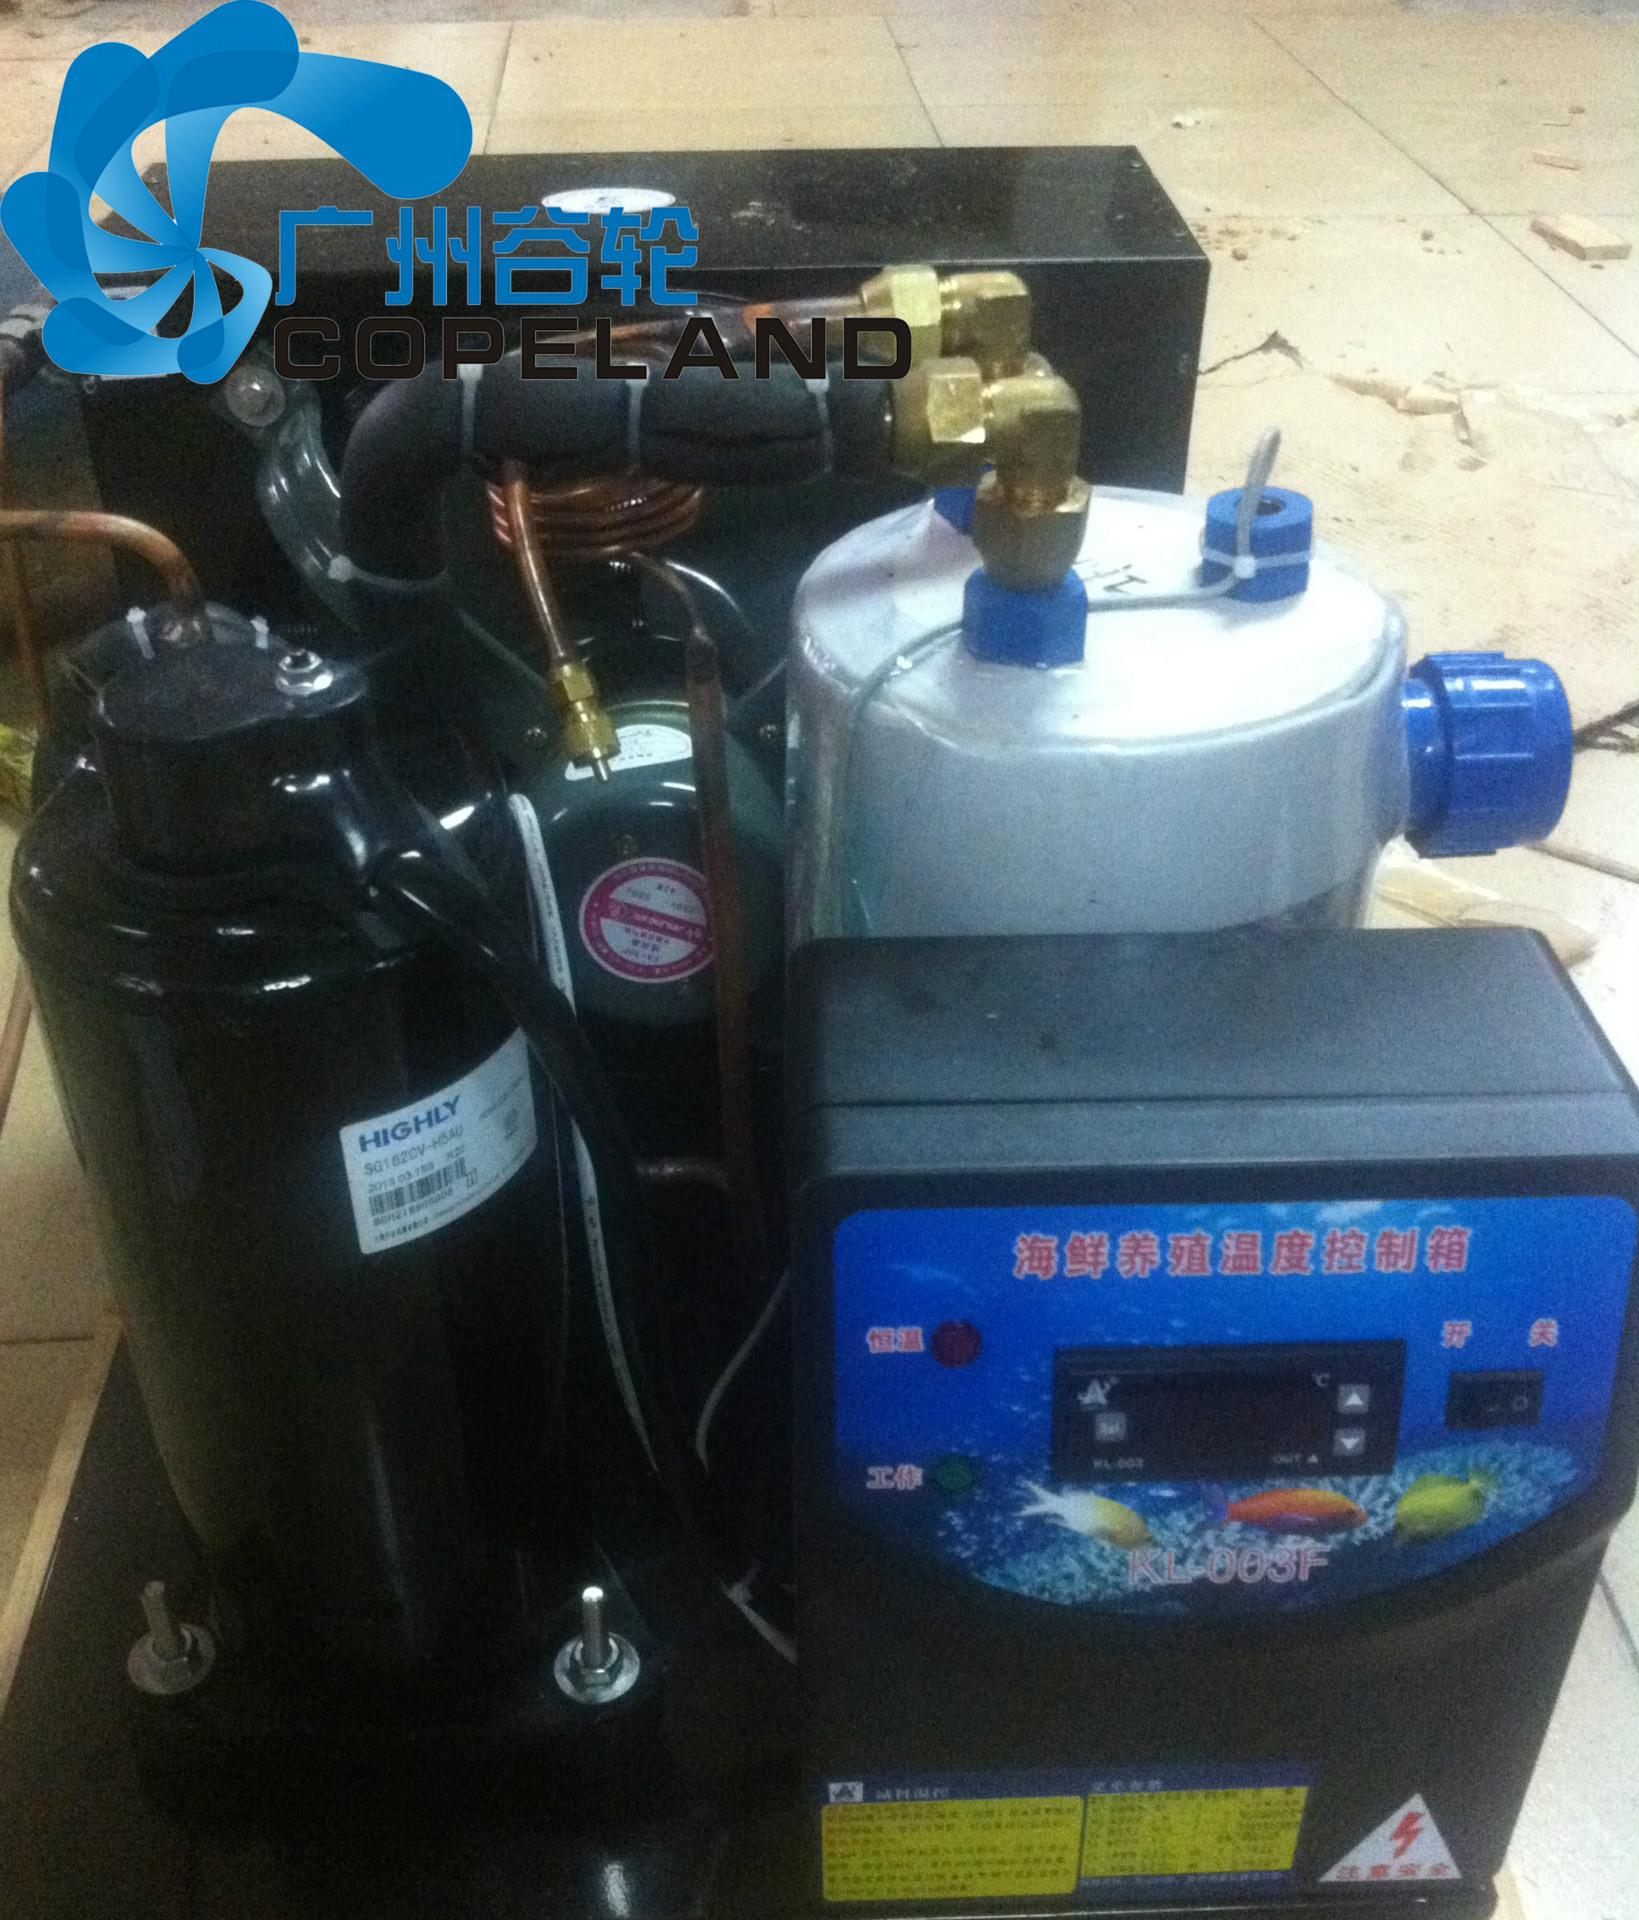 厂家直销1匹单冷海鲜池/鱼池/鱼缸冷水机 海鲜鱼池养殖制冷机